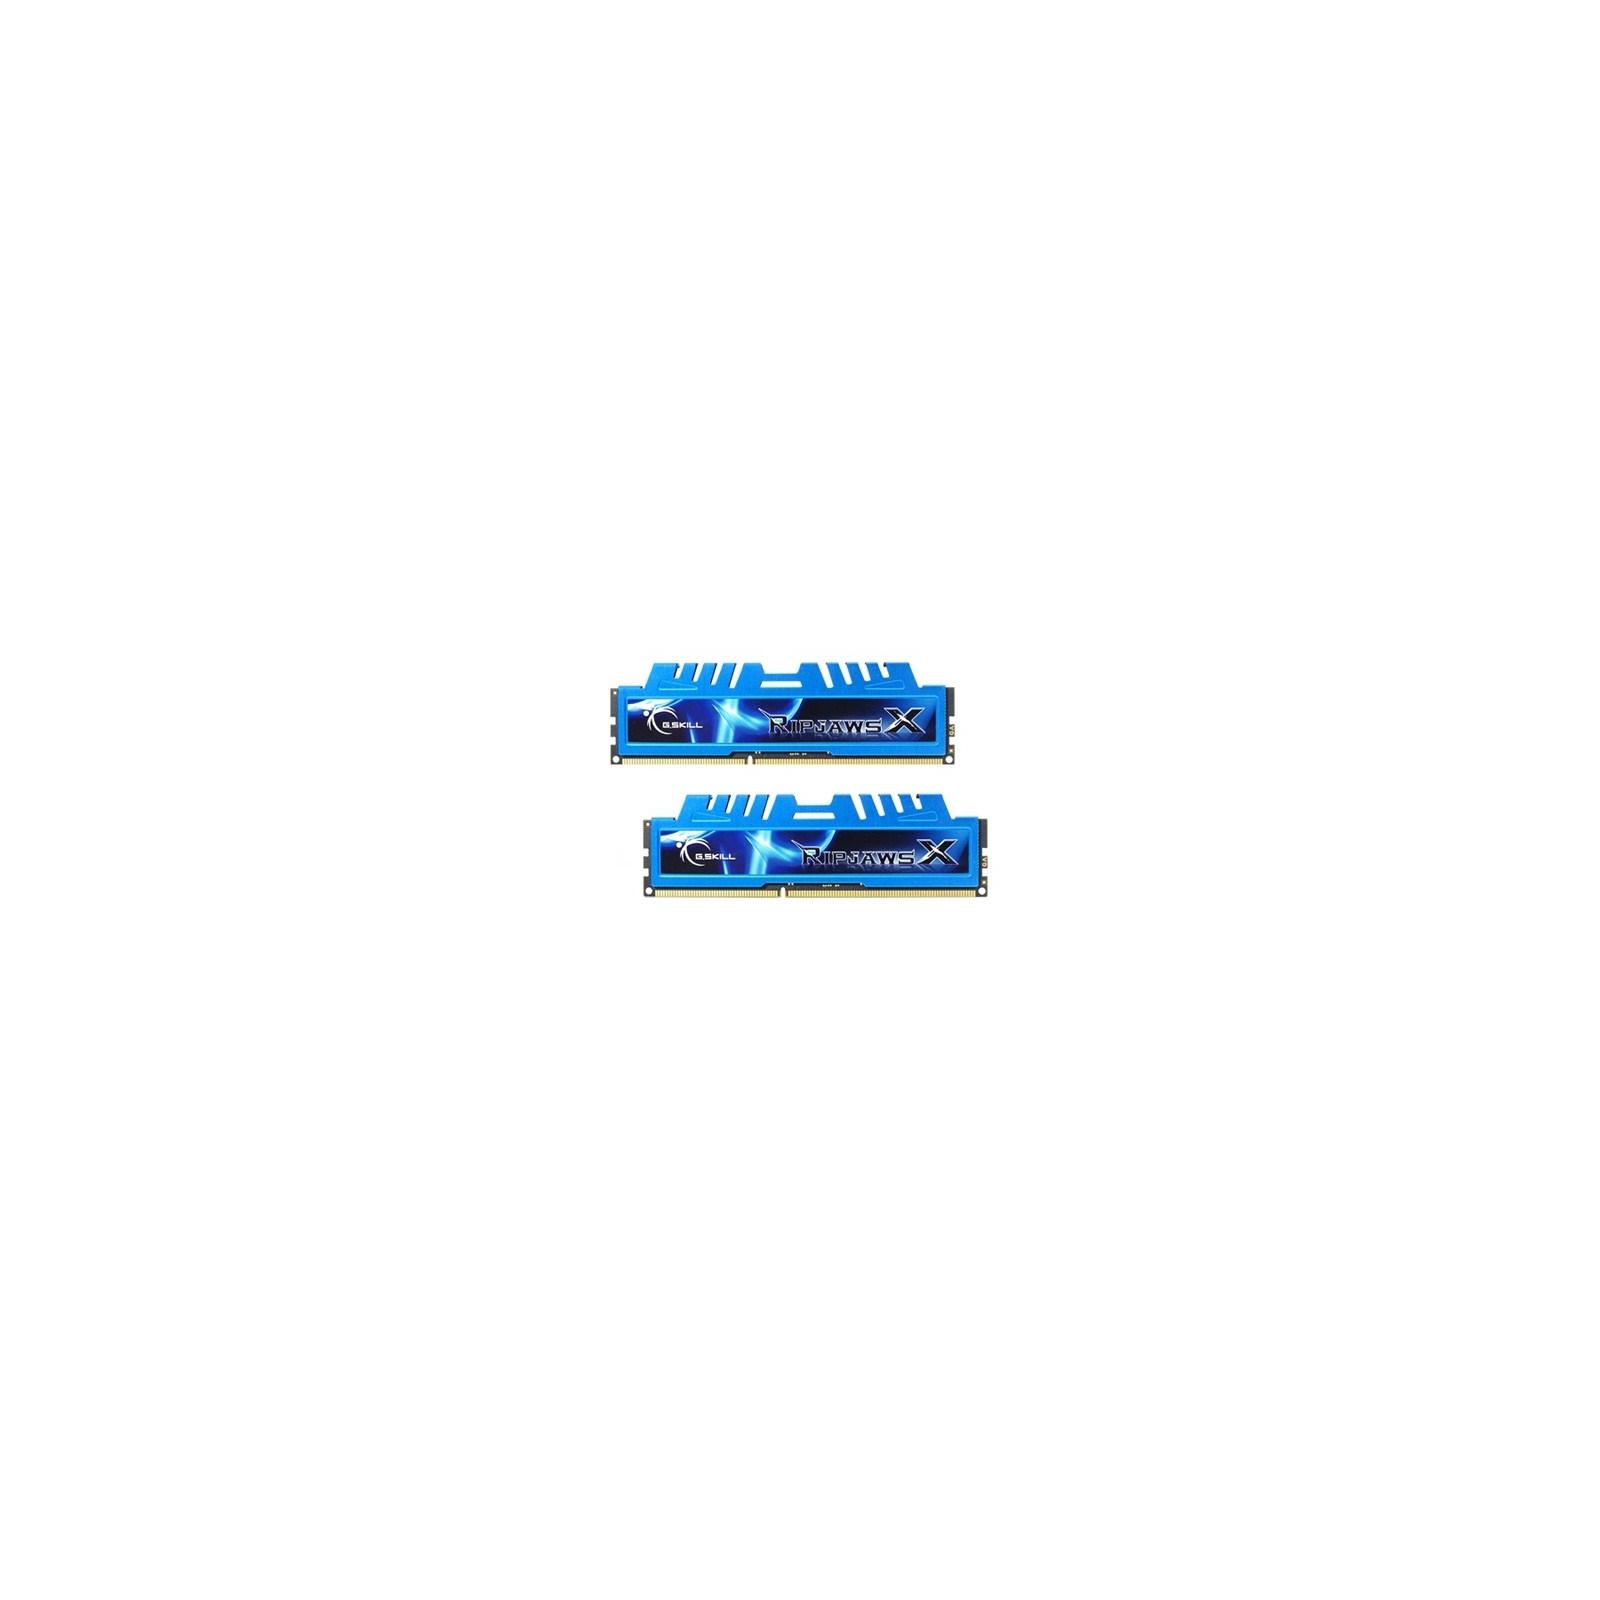 Модуль памяти для компьютера DDR3 8GB (2x4GB) 1600 MHz G.Skill (F3-12800CL8D-8GBXM)